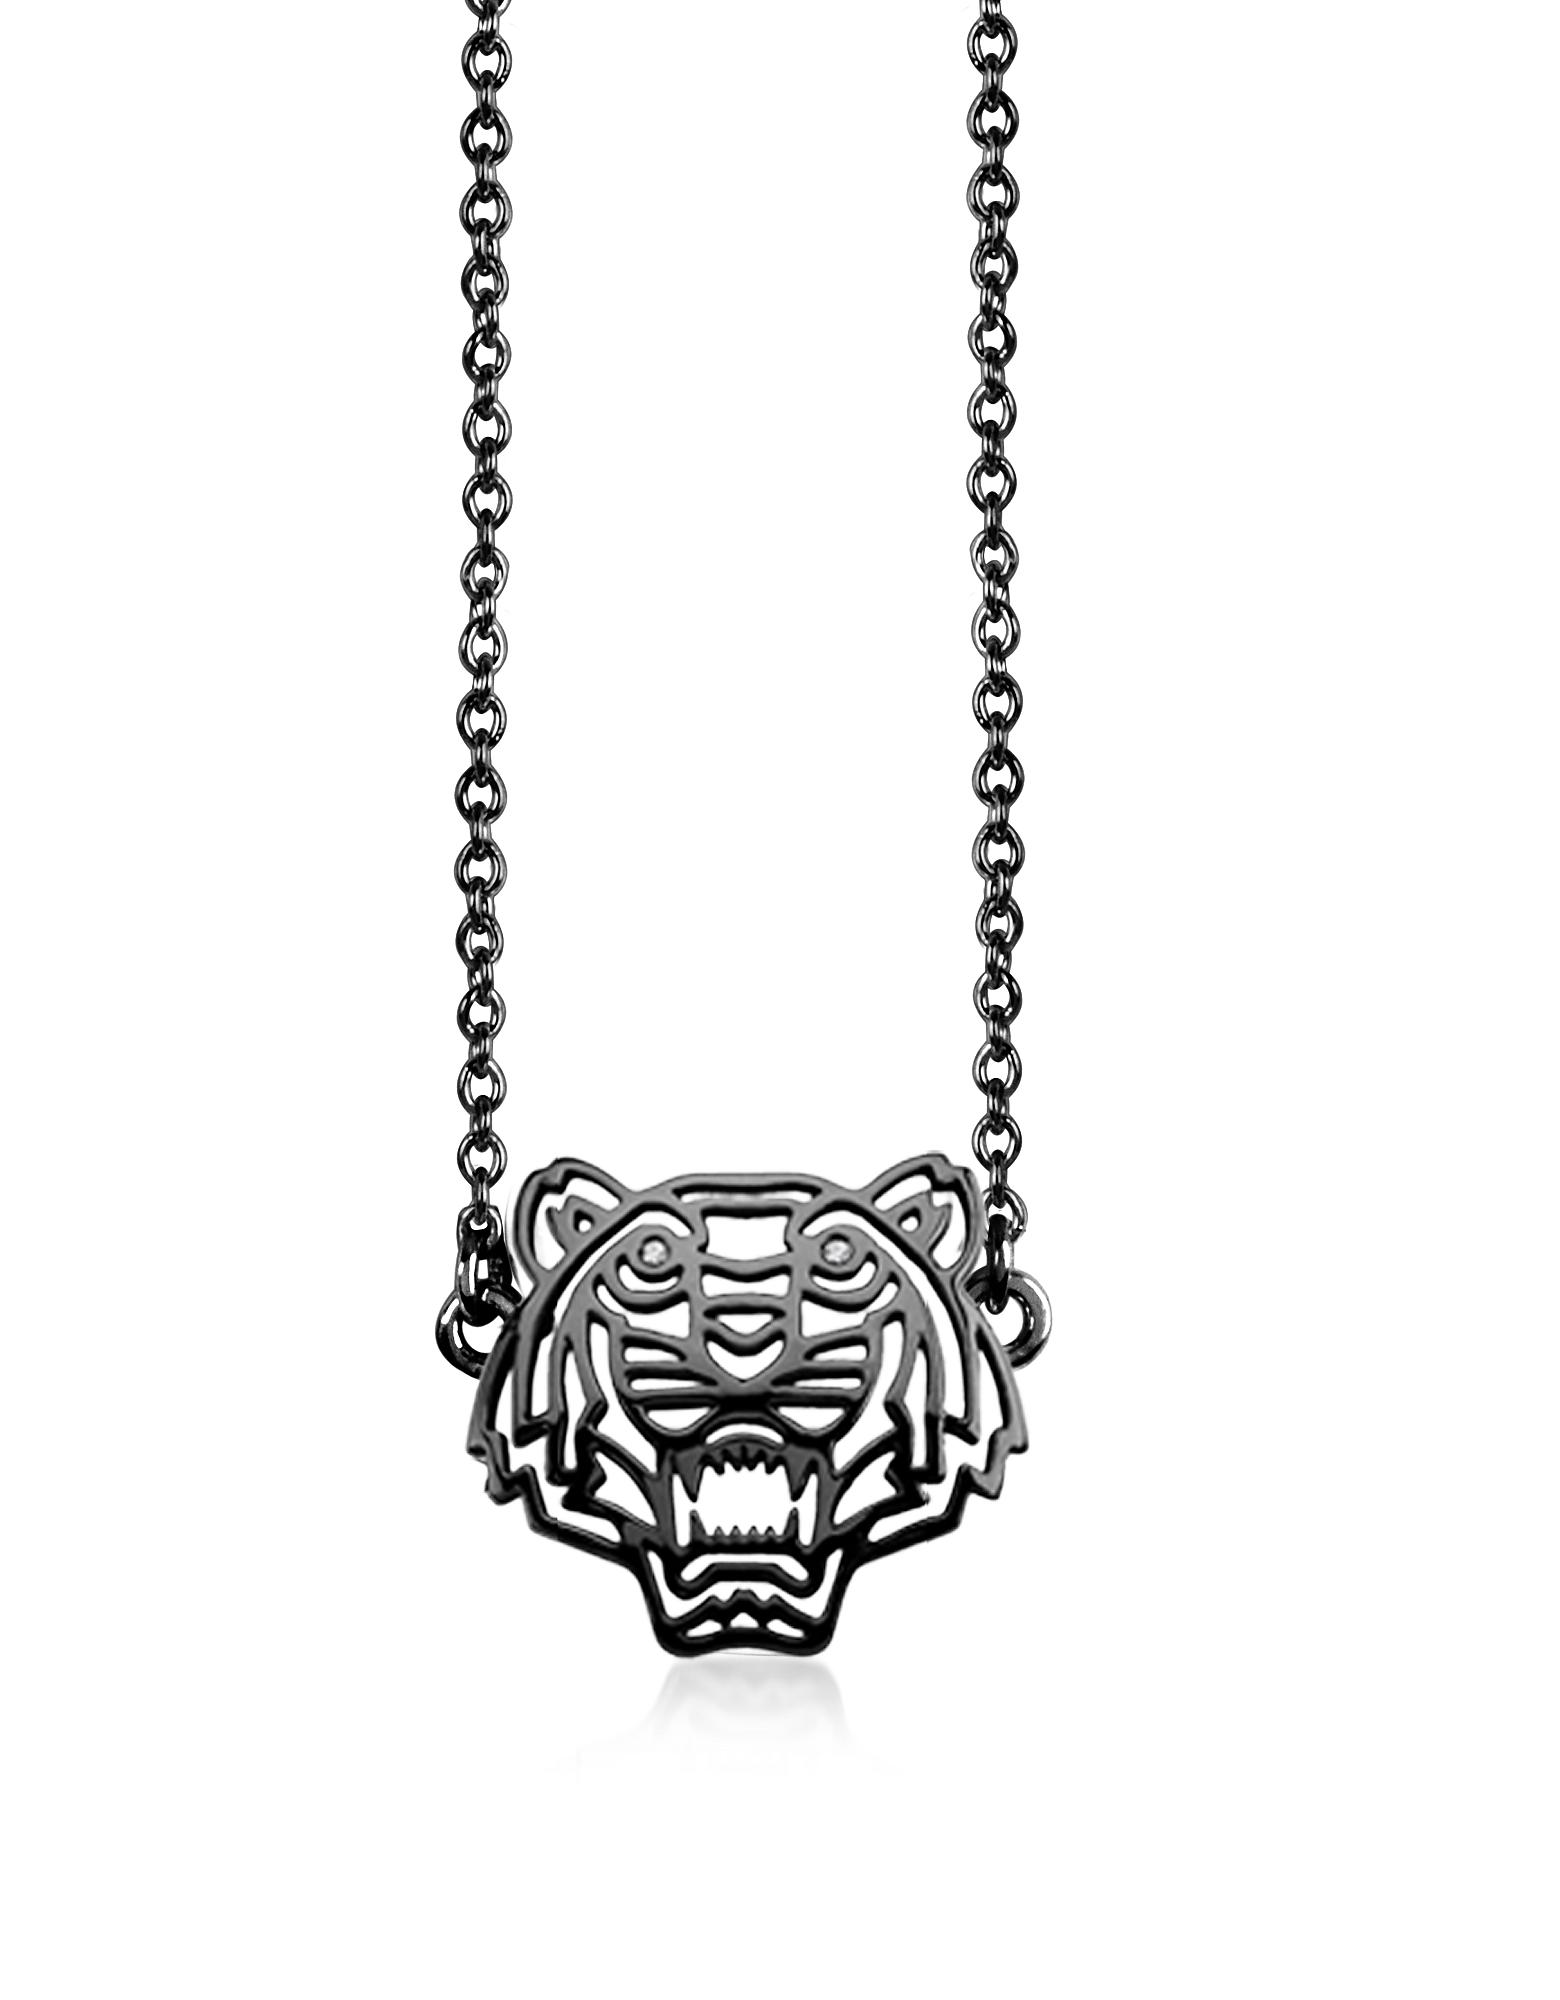 Ожерелье из Стерлингового Серебра с Рутениевым Покрытием и Подвеской Тигром